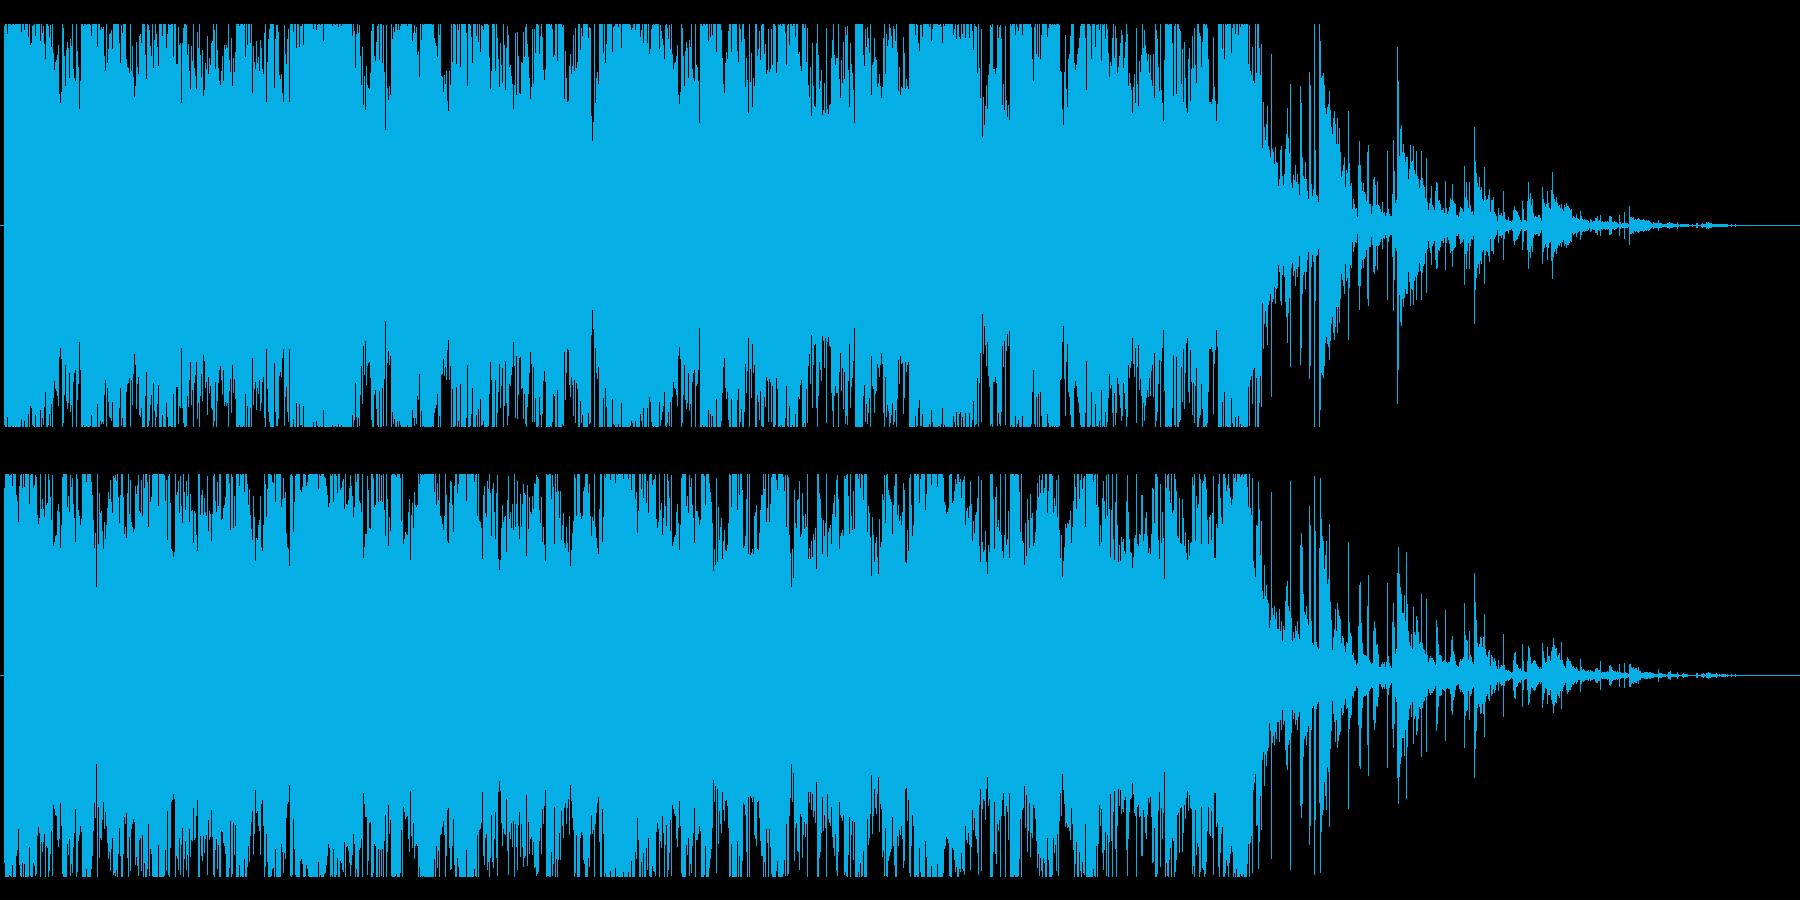 映画/壮大/力強いBGM_No394_4の再生済みの波形